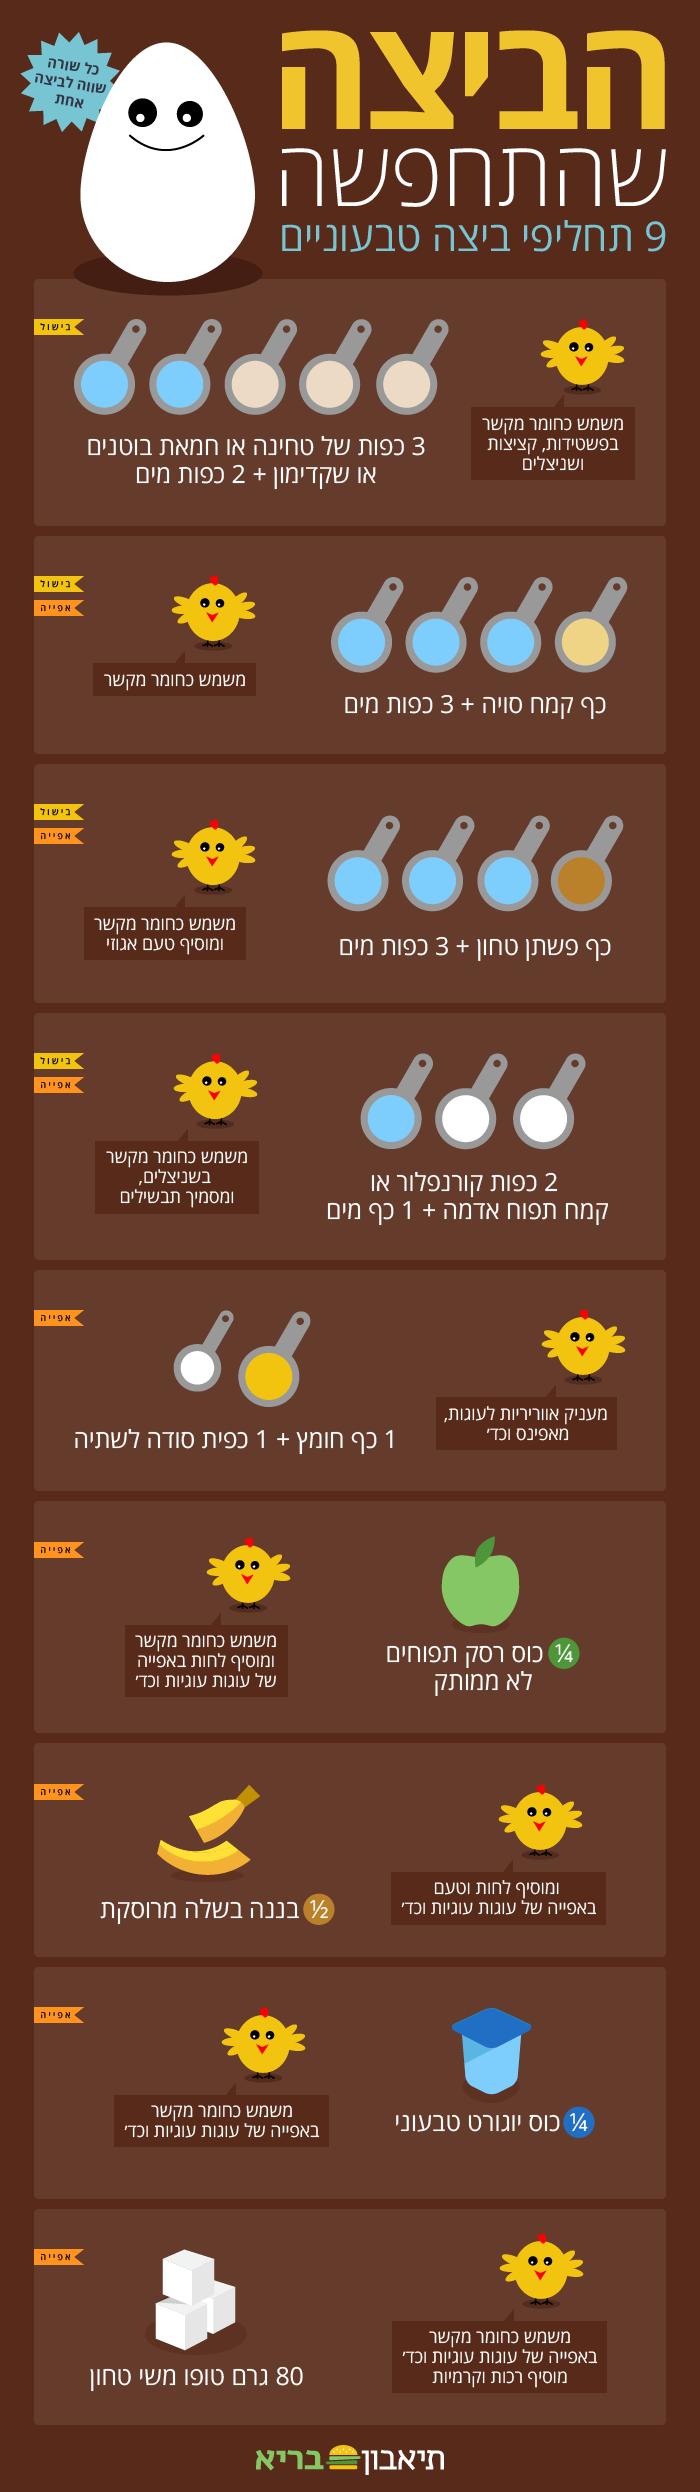 איך להחליף ביצה?